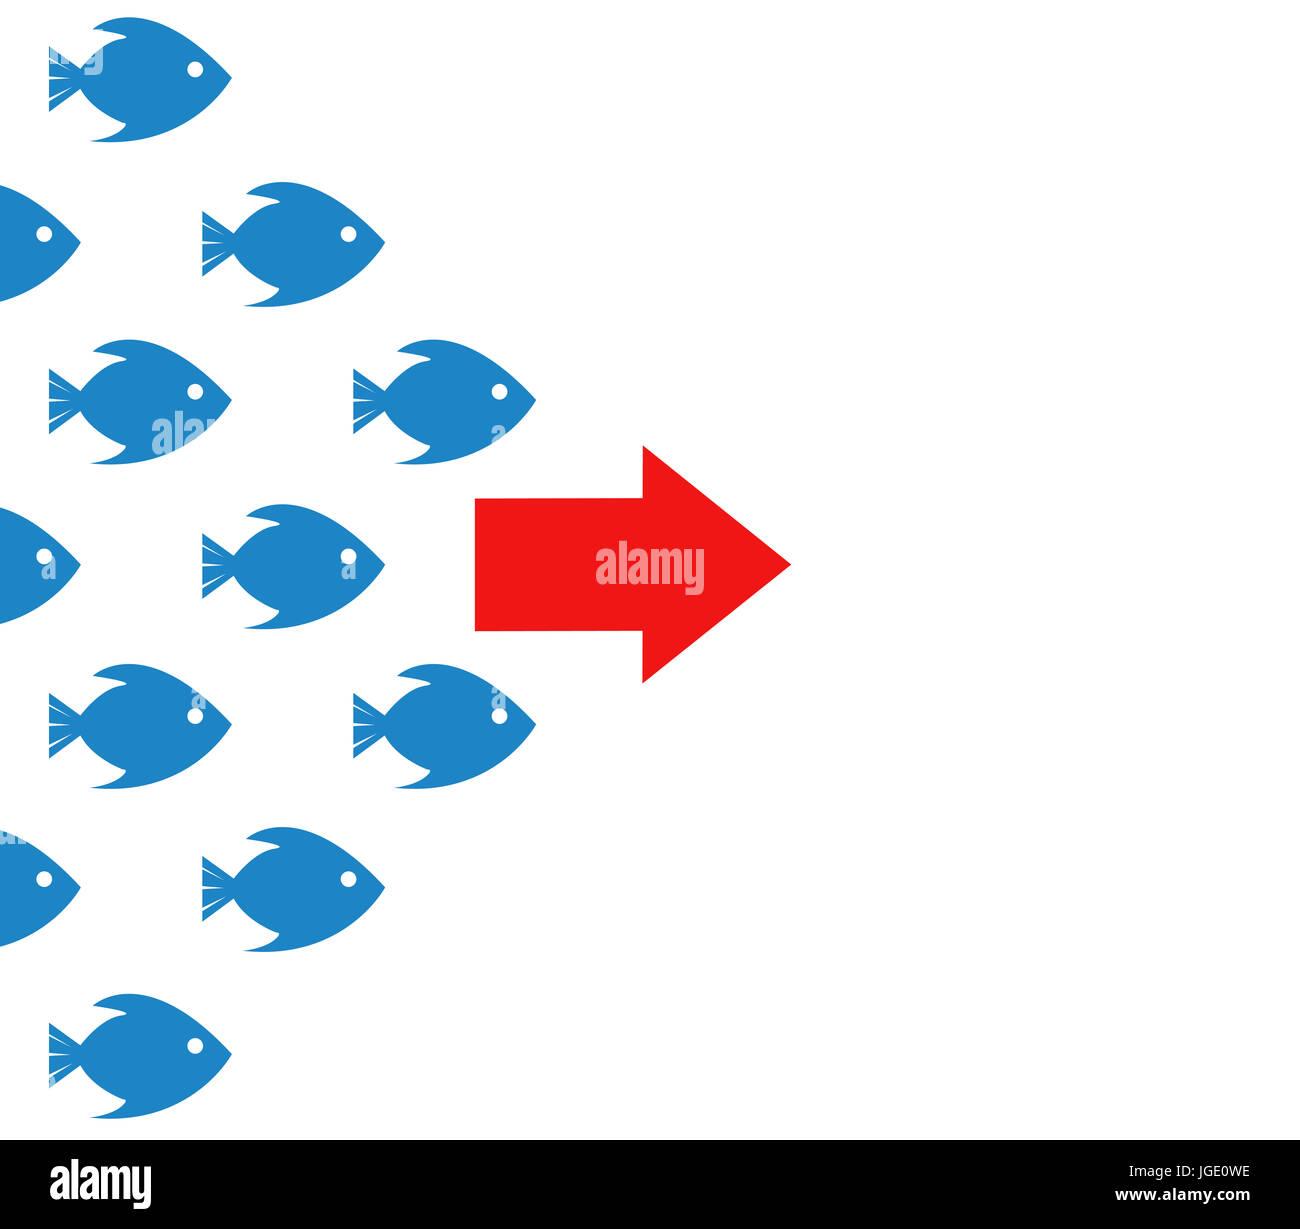 Banca di pesce seguire le direzioni concept design illustrazione su bianco Immagini Stock